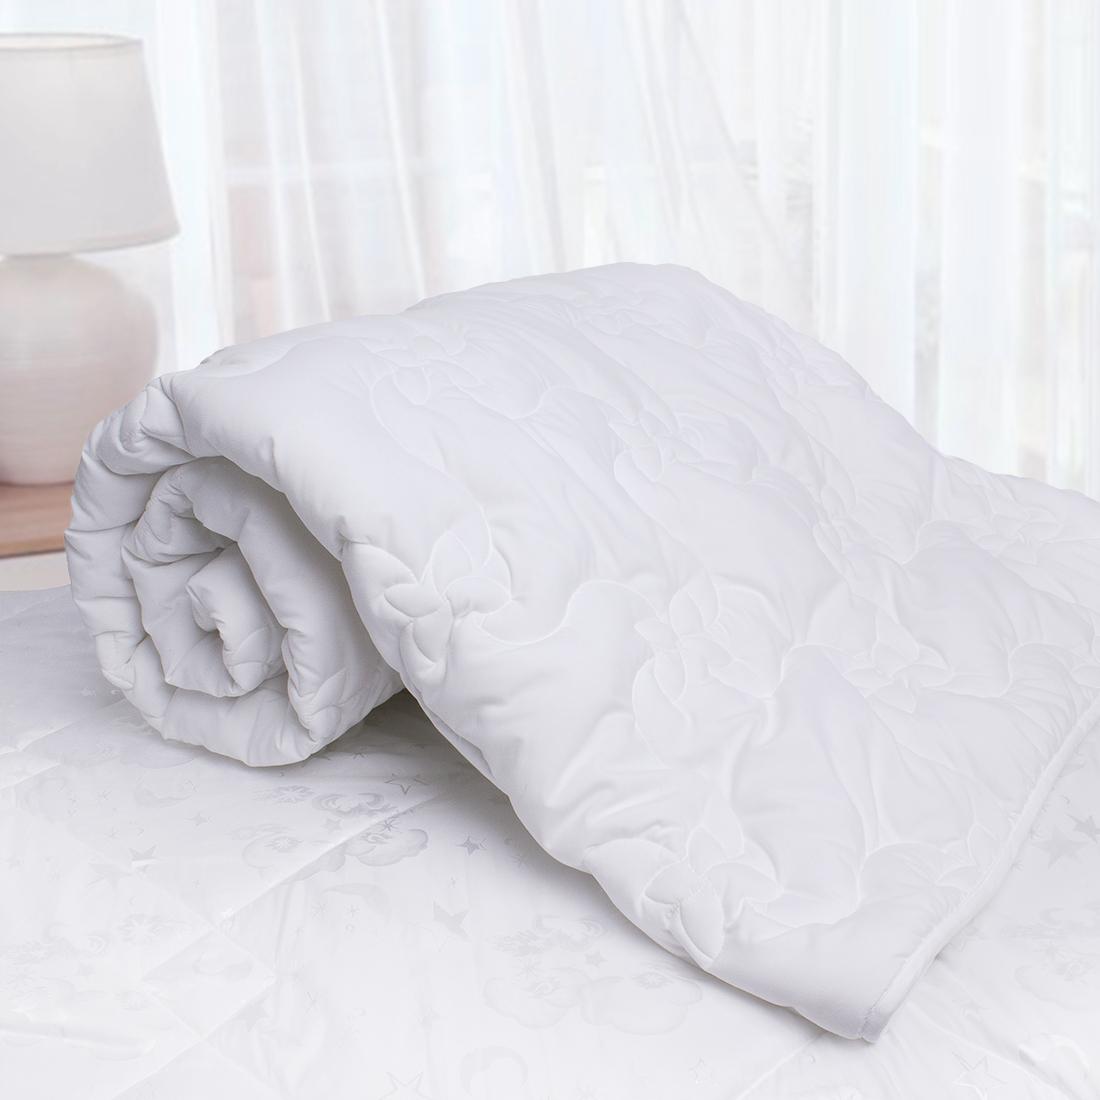 Одеяло Sleep iX, наполнитель: силиконизированное волокно, цвет: белый, 140 х 205 см. pva320048pva320048Материал чехла MicroSkin - это гладкая и шелковистая ткань с легким блеском, по своему виду не уступает натуральному хлопку. Хорошо сохраняет тепло, очень приятна на ощупь, прочна и устойчива к стирке.SilkDown - это наполнитель из тонкого силиконизированного волокна, по своим свойствам максимально приближенный к натуральному шелку. Этот наполнитель придает одеялу необычайную легкость и нежность, даря ощущение мягкого прикосновения лепестков роз.Кант делают из атласа или вискозы, он помогает изделию держать форму в течение многих лет. Кантик есть на многих объемных изделиях из текстиля, иногда его могут дополнительно прострочить по периметру или сделать широким.